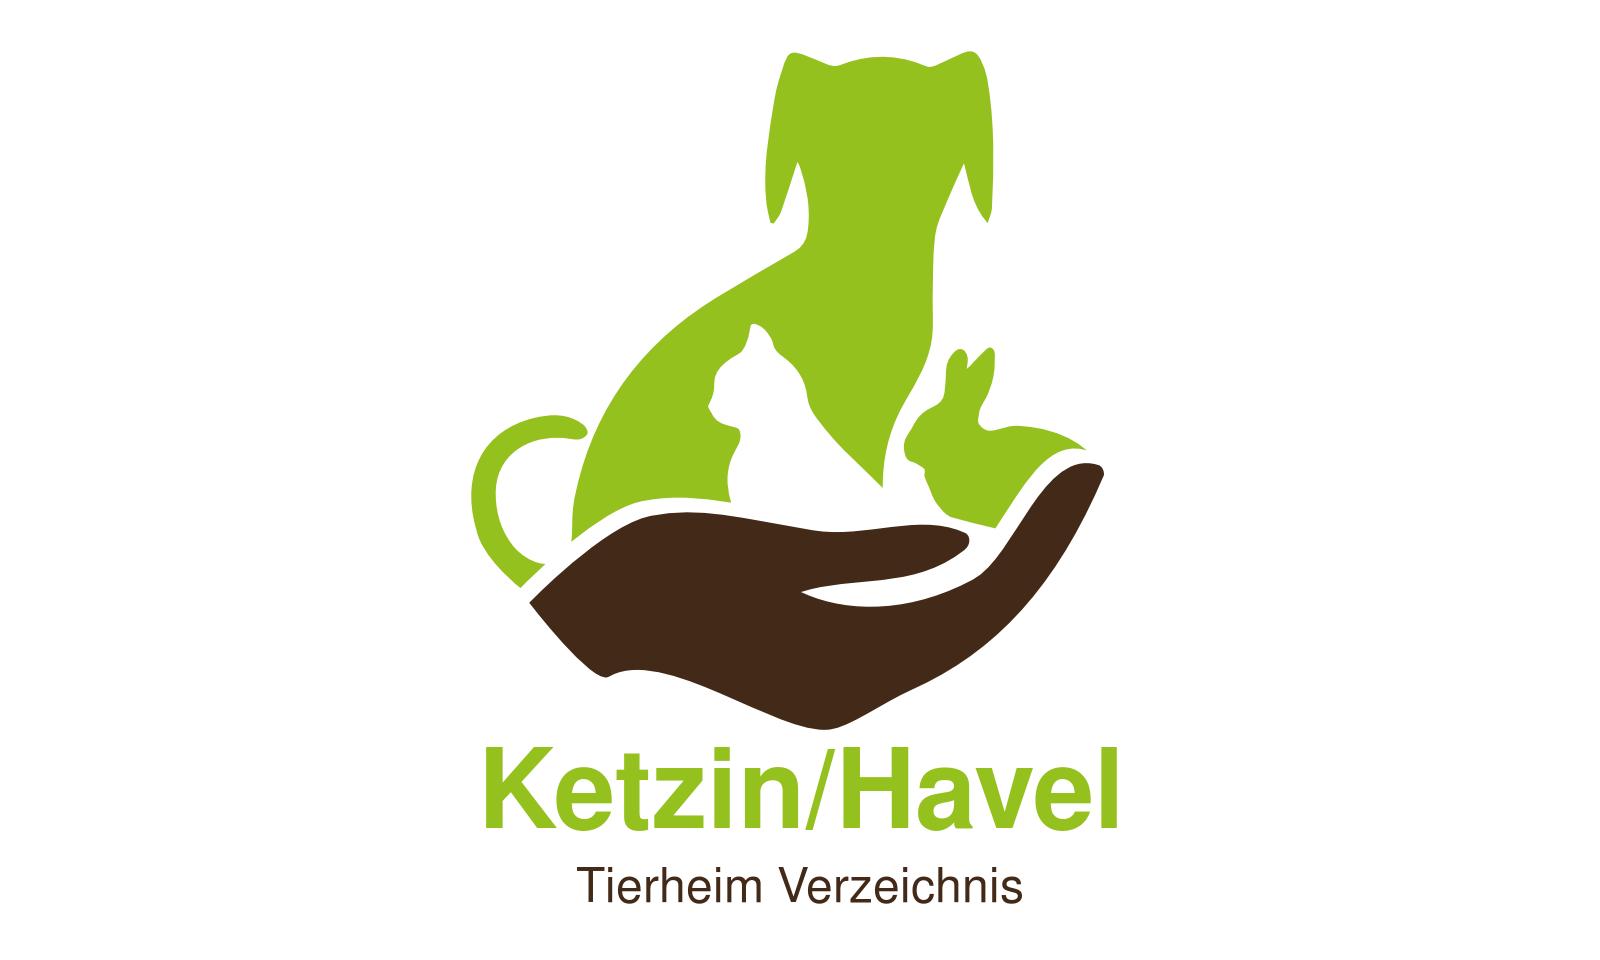 Tierheim Ketzin/Havel